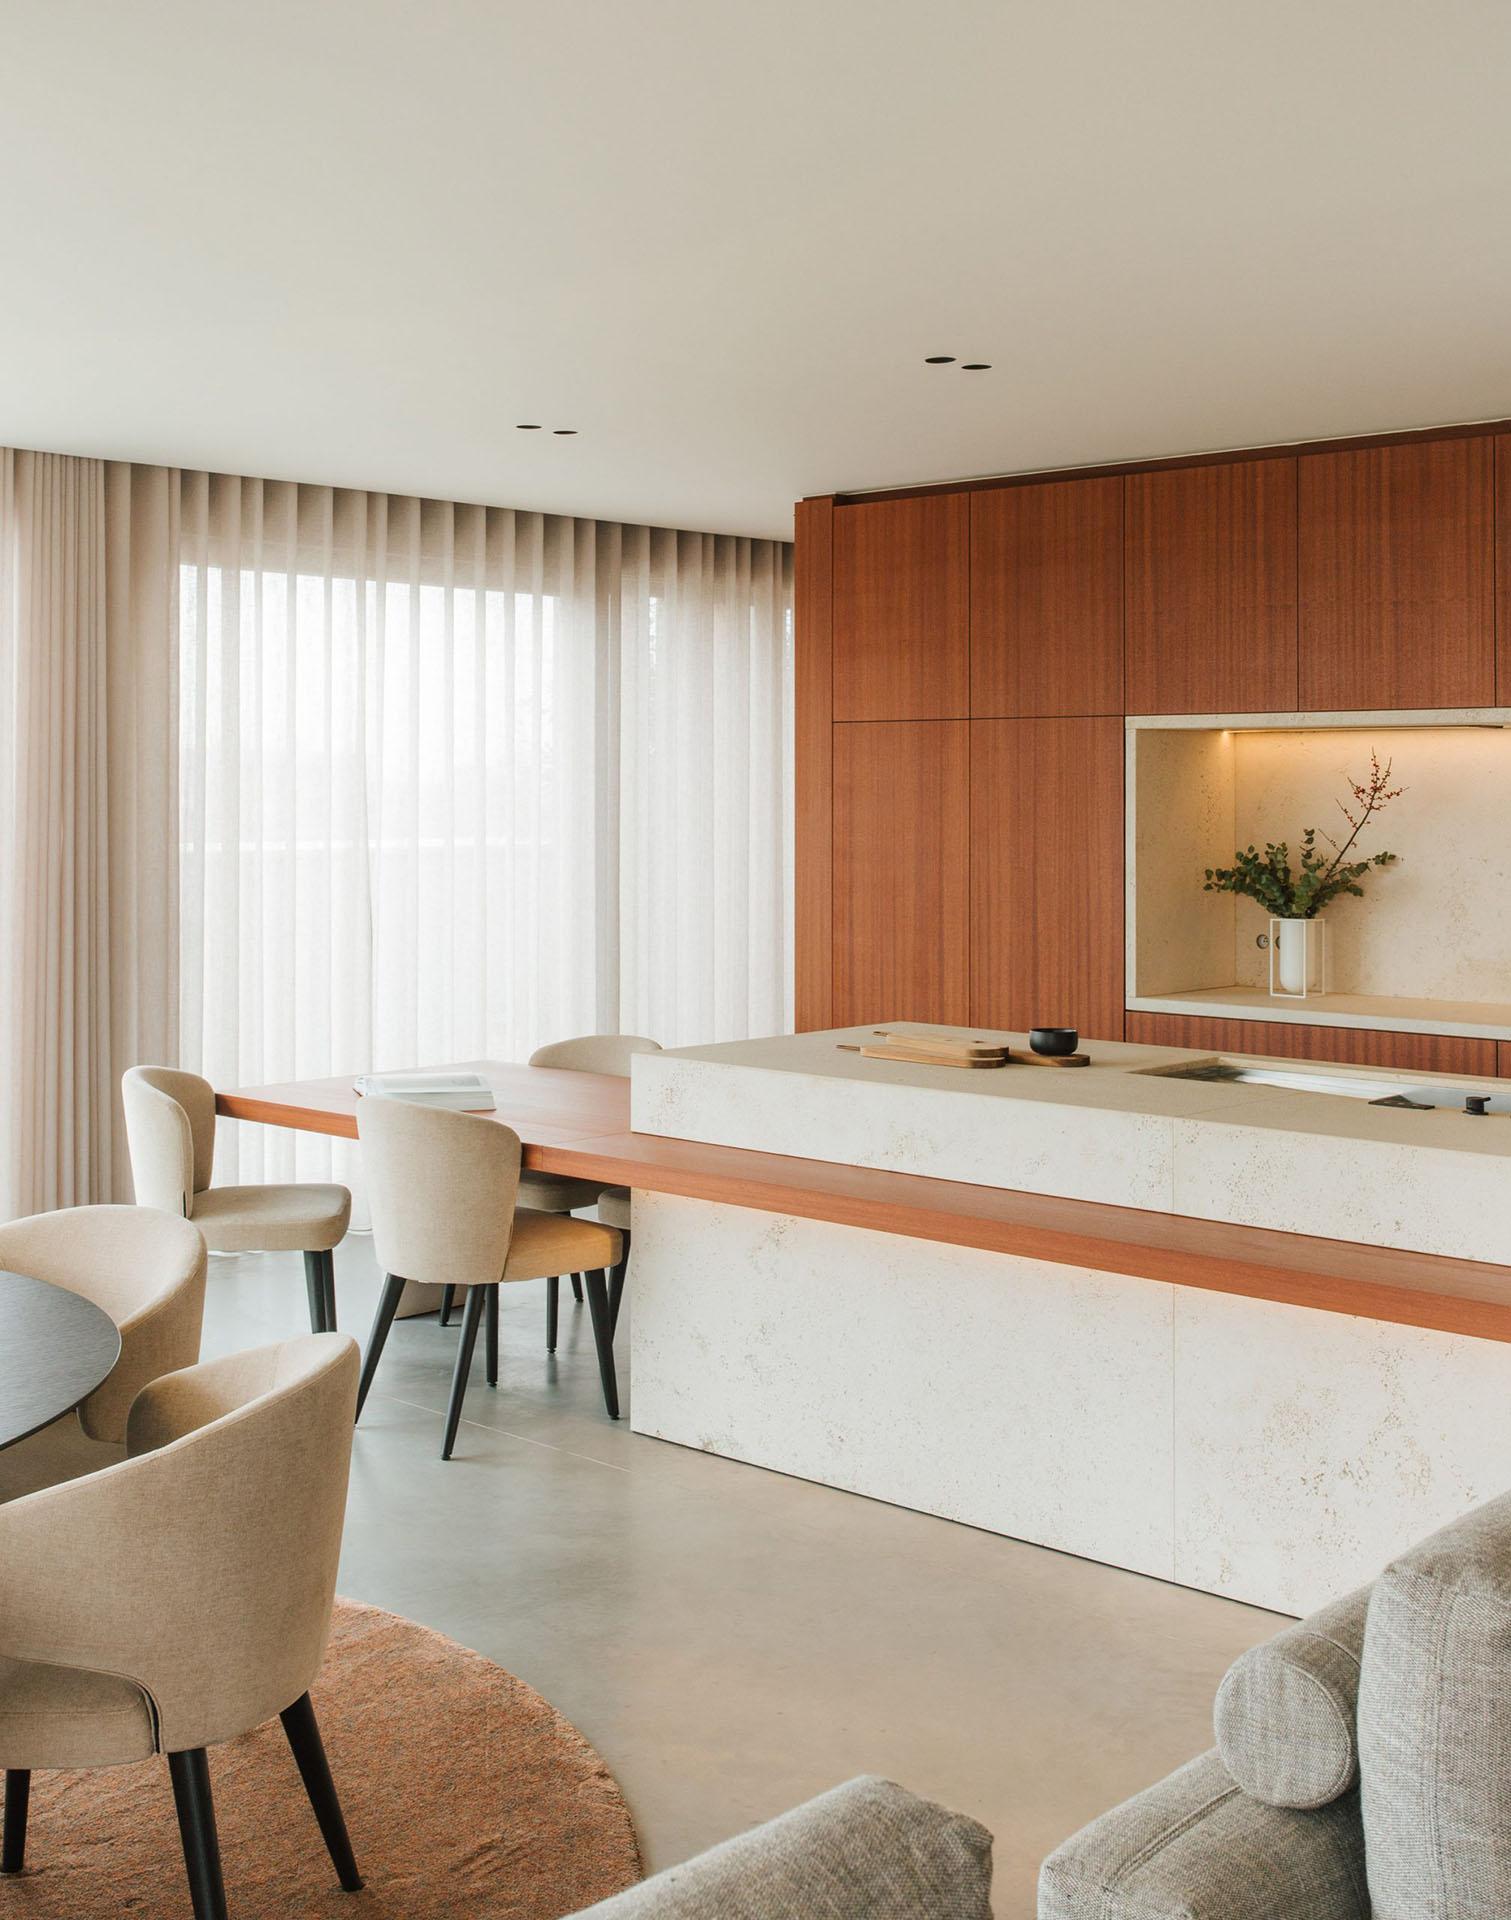 belgian-penthouse-ad-jo-studio_dezeen_7